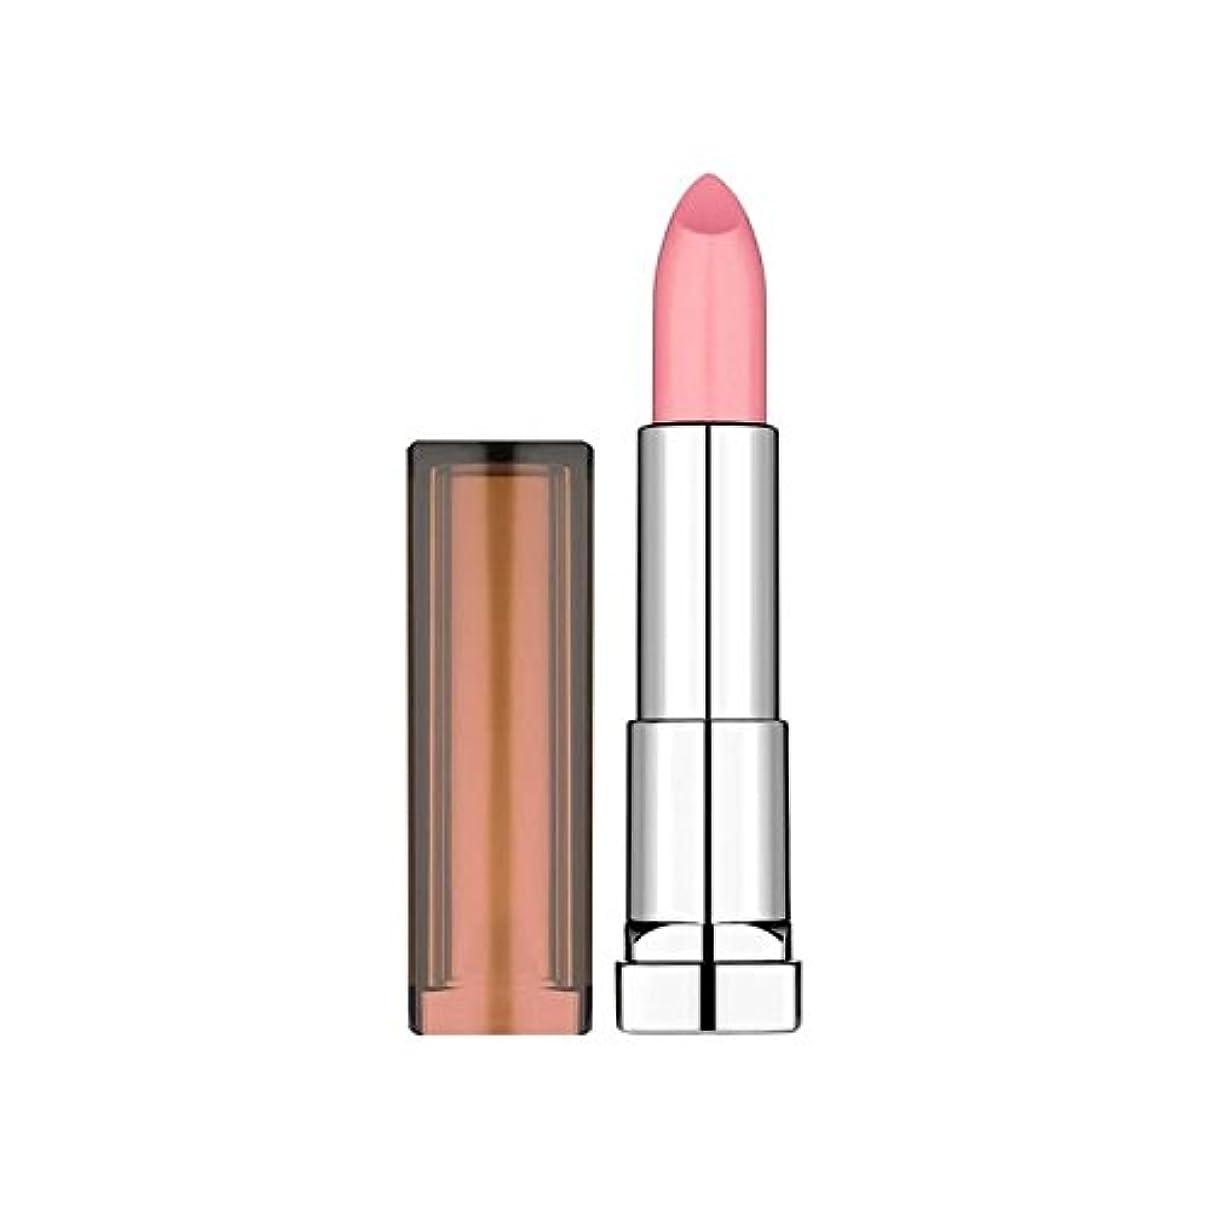 偽善者ブートハックメイベリンカラーセンセーショナルなヌードは107かなり裸の口紅 x2 - Maybelline Color Sensational Nudes Lipstick 107 Fairly Bare (Pack of 2) [並行輸入品]